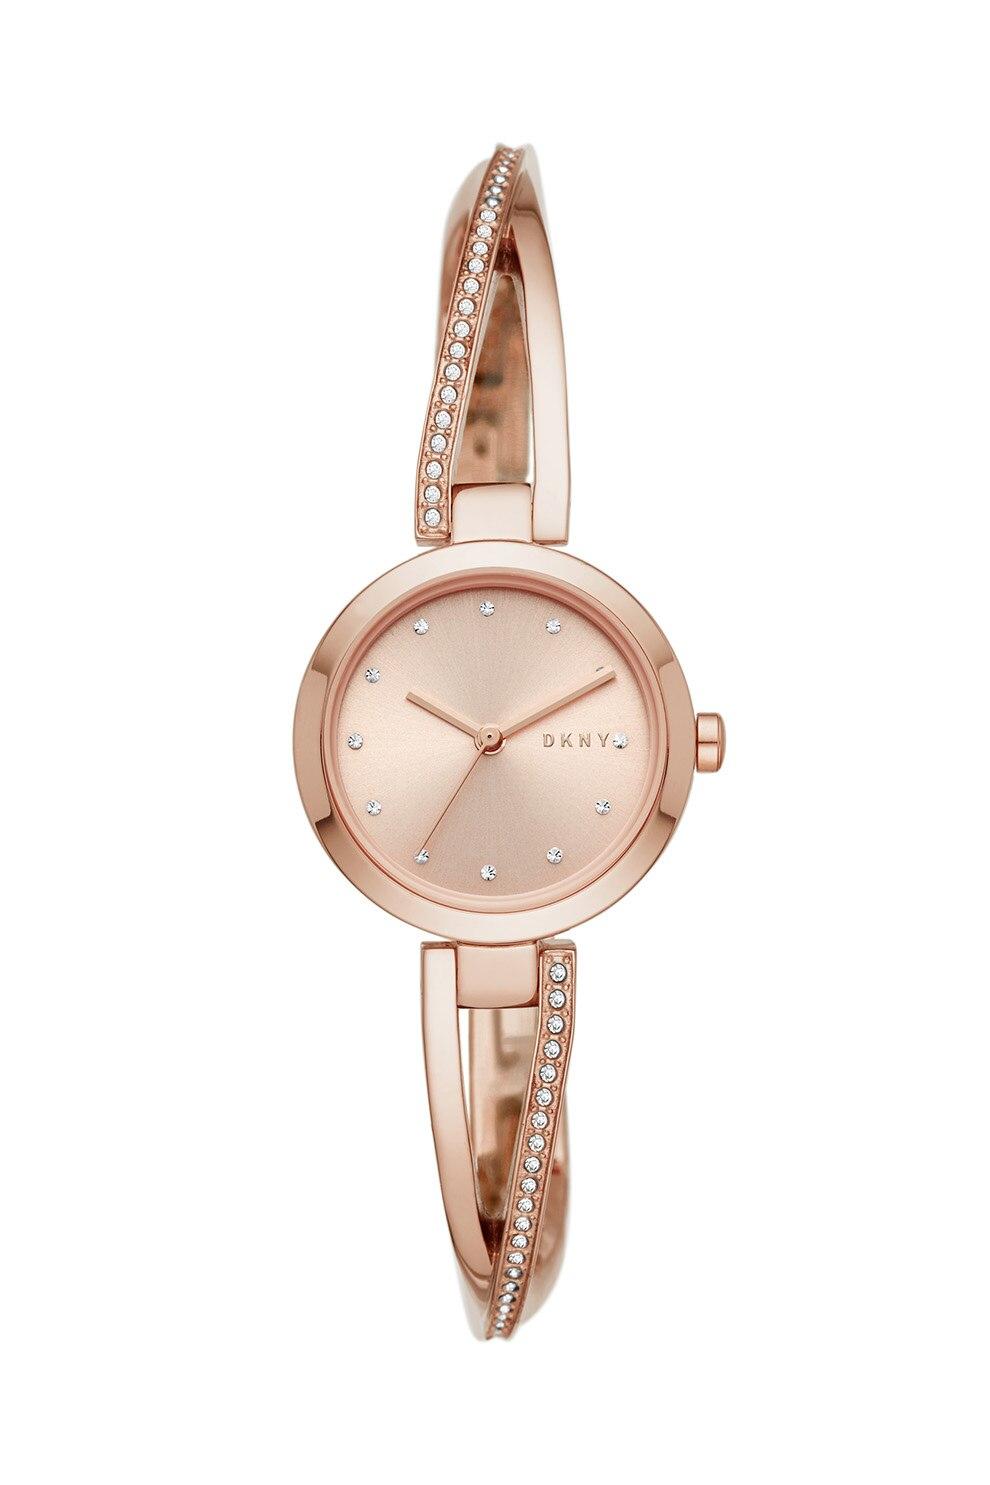 Fotografie DKNY, Ceas din otel inoxidabil decorat cu cristale, Auriu rose